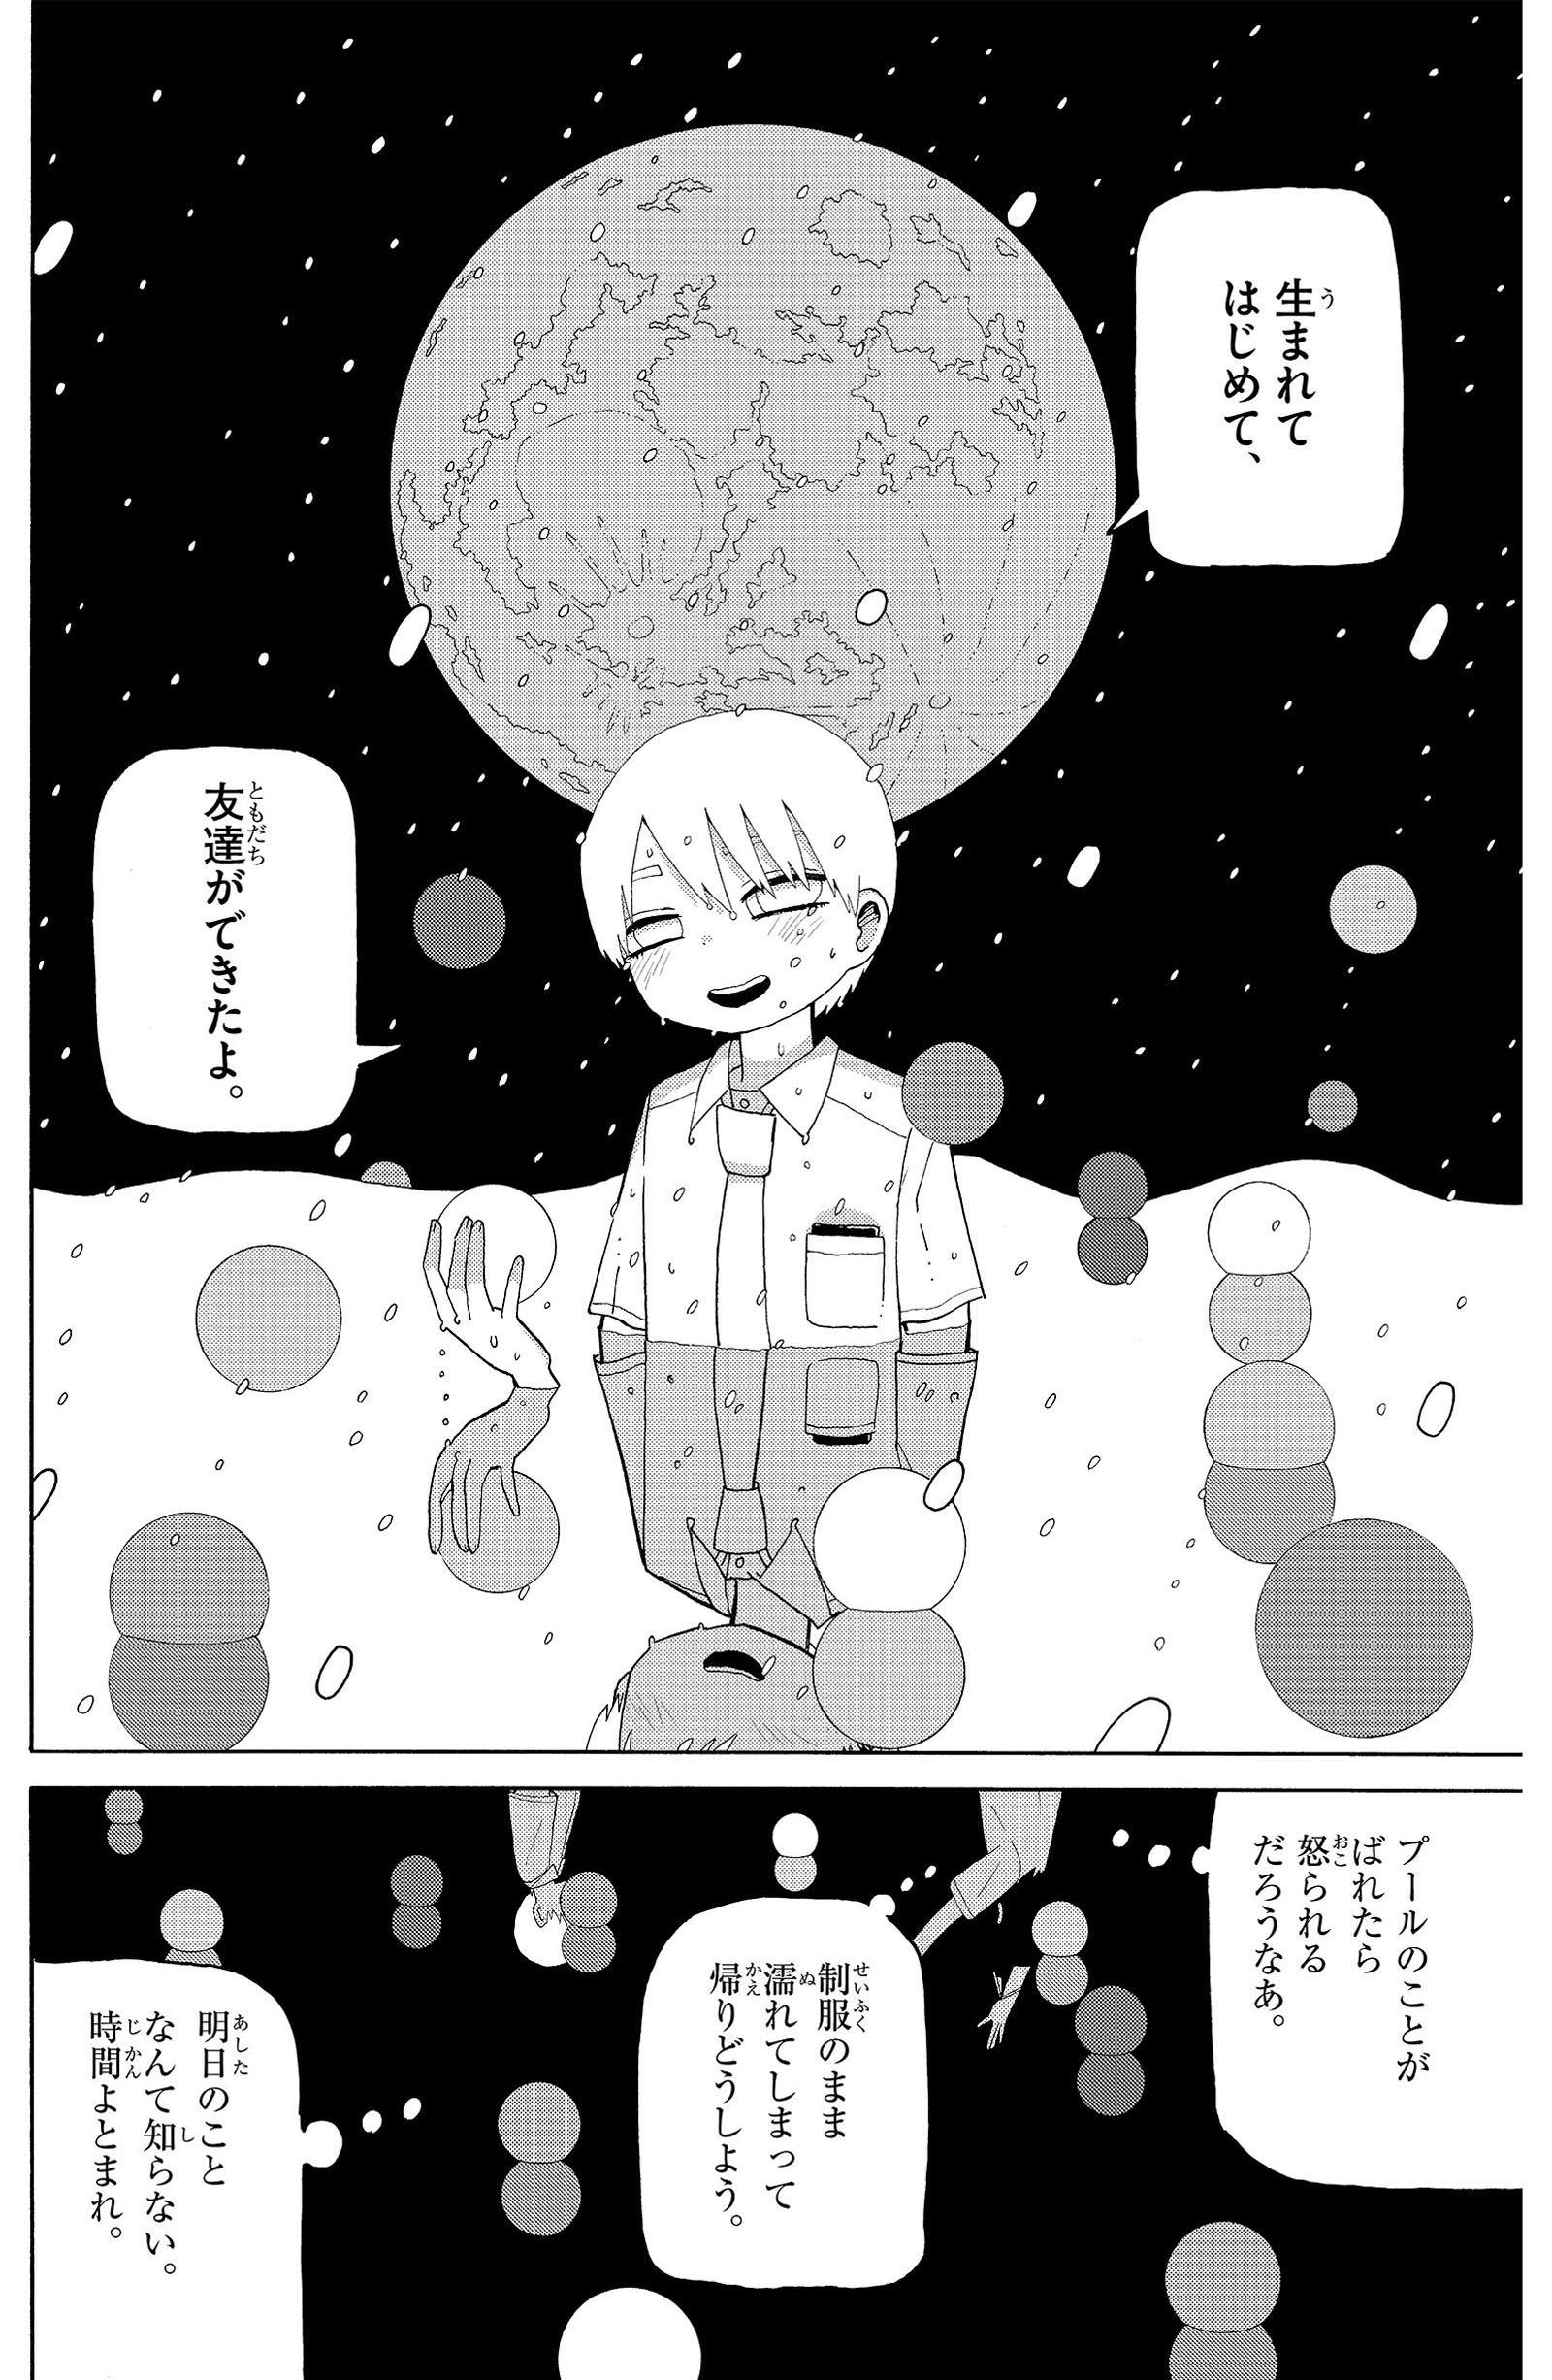 2018.3.12 配信スタート「月曜日...